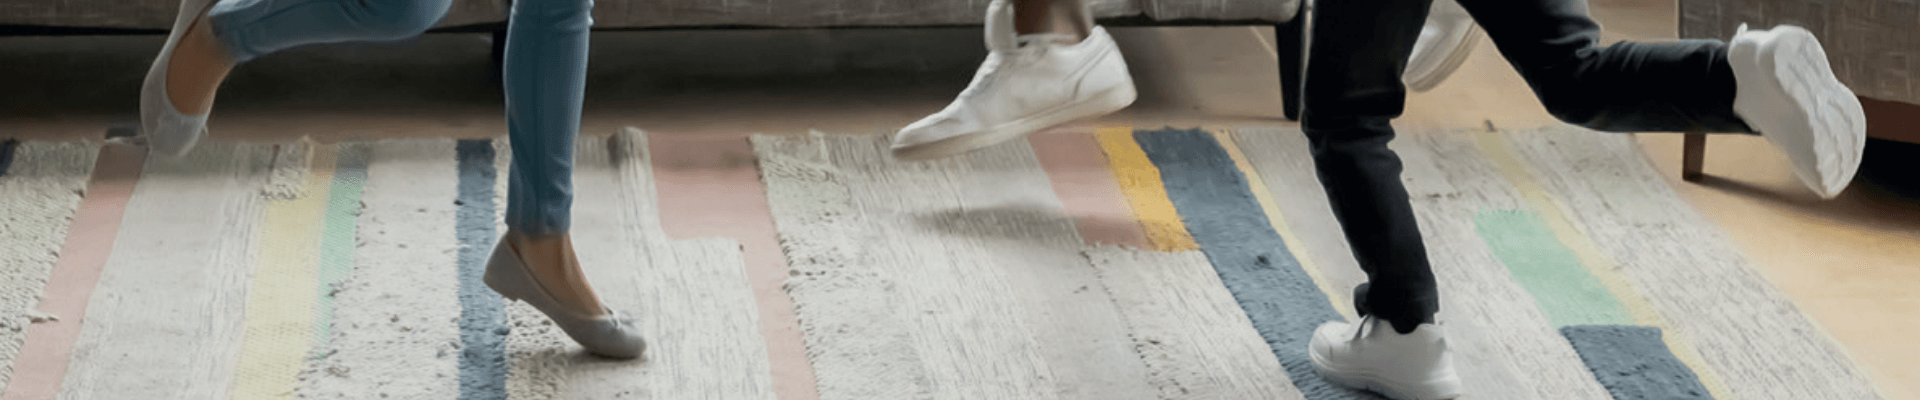 Geluidsisolatie: isolatieplaten voor muur, plafond of vloer?